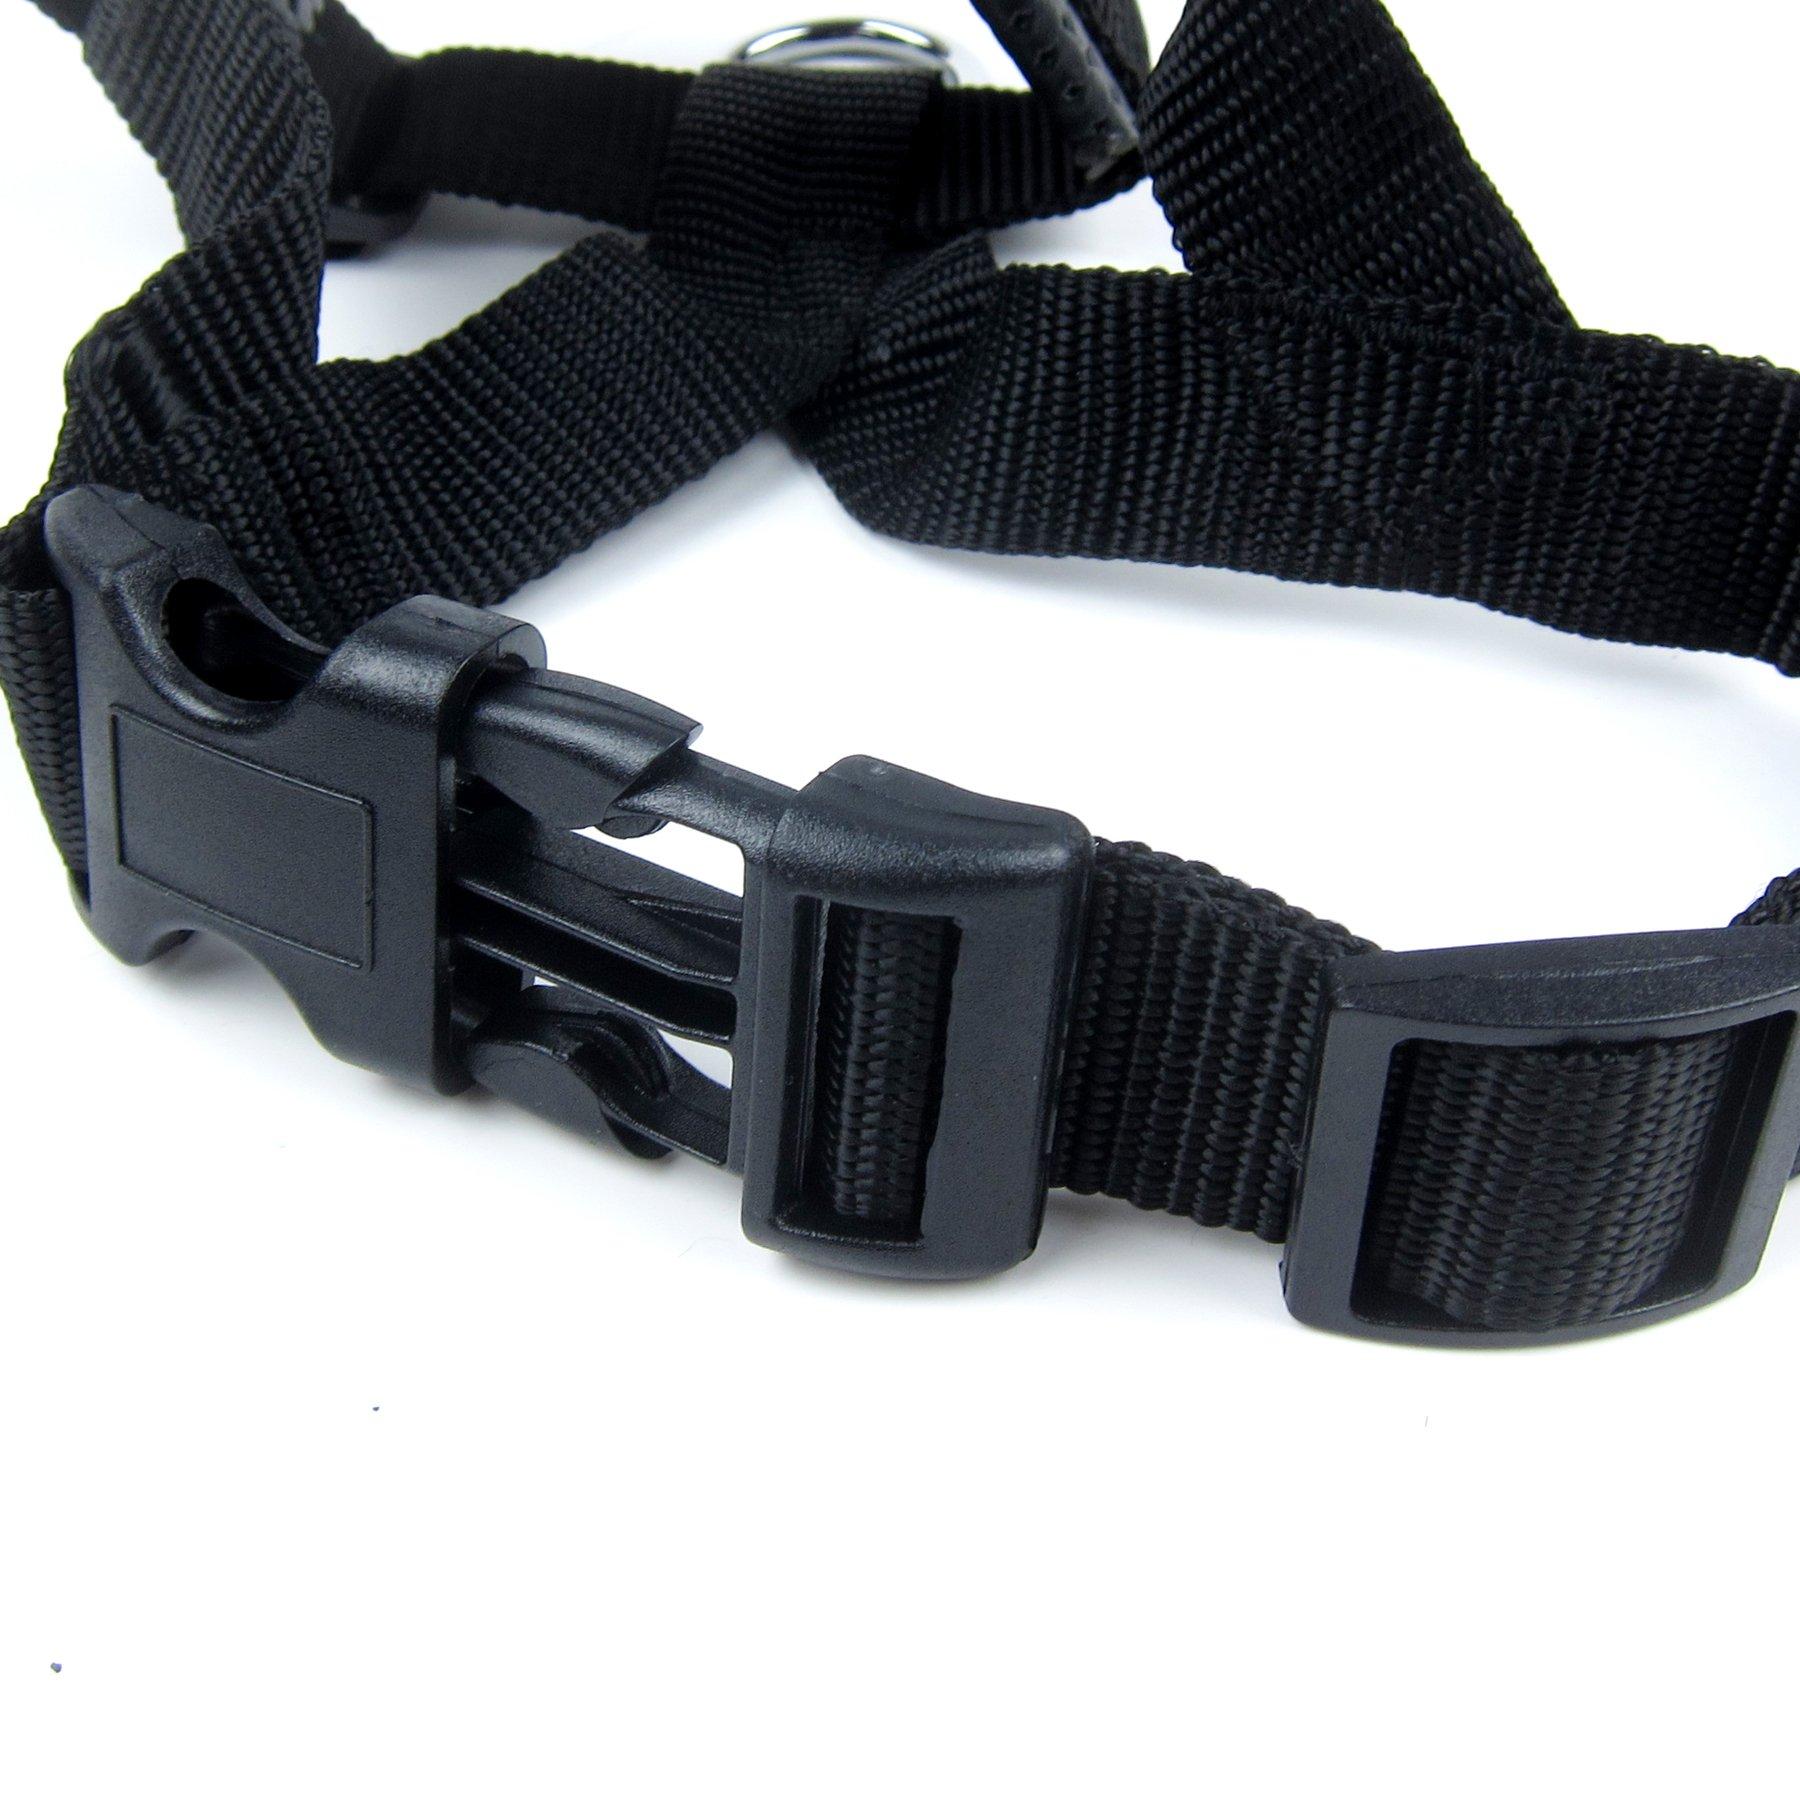 Alfie Pet by Petoga Couture - Jaimy Adjustable Quick Fit Nylon Muzzle - Color: Black, Size: XXL by Alfie (Image #6)